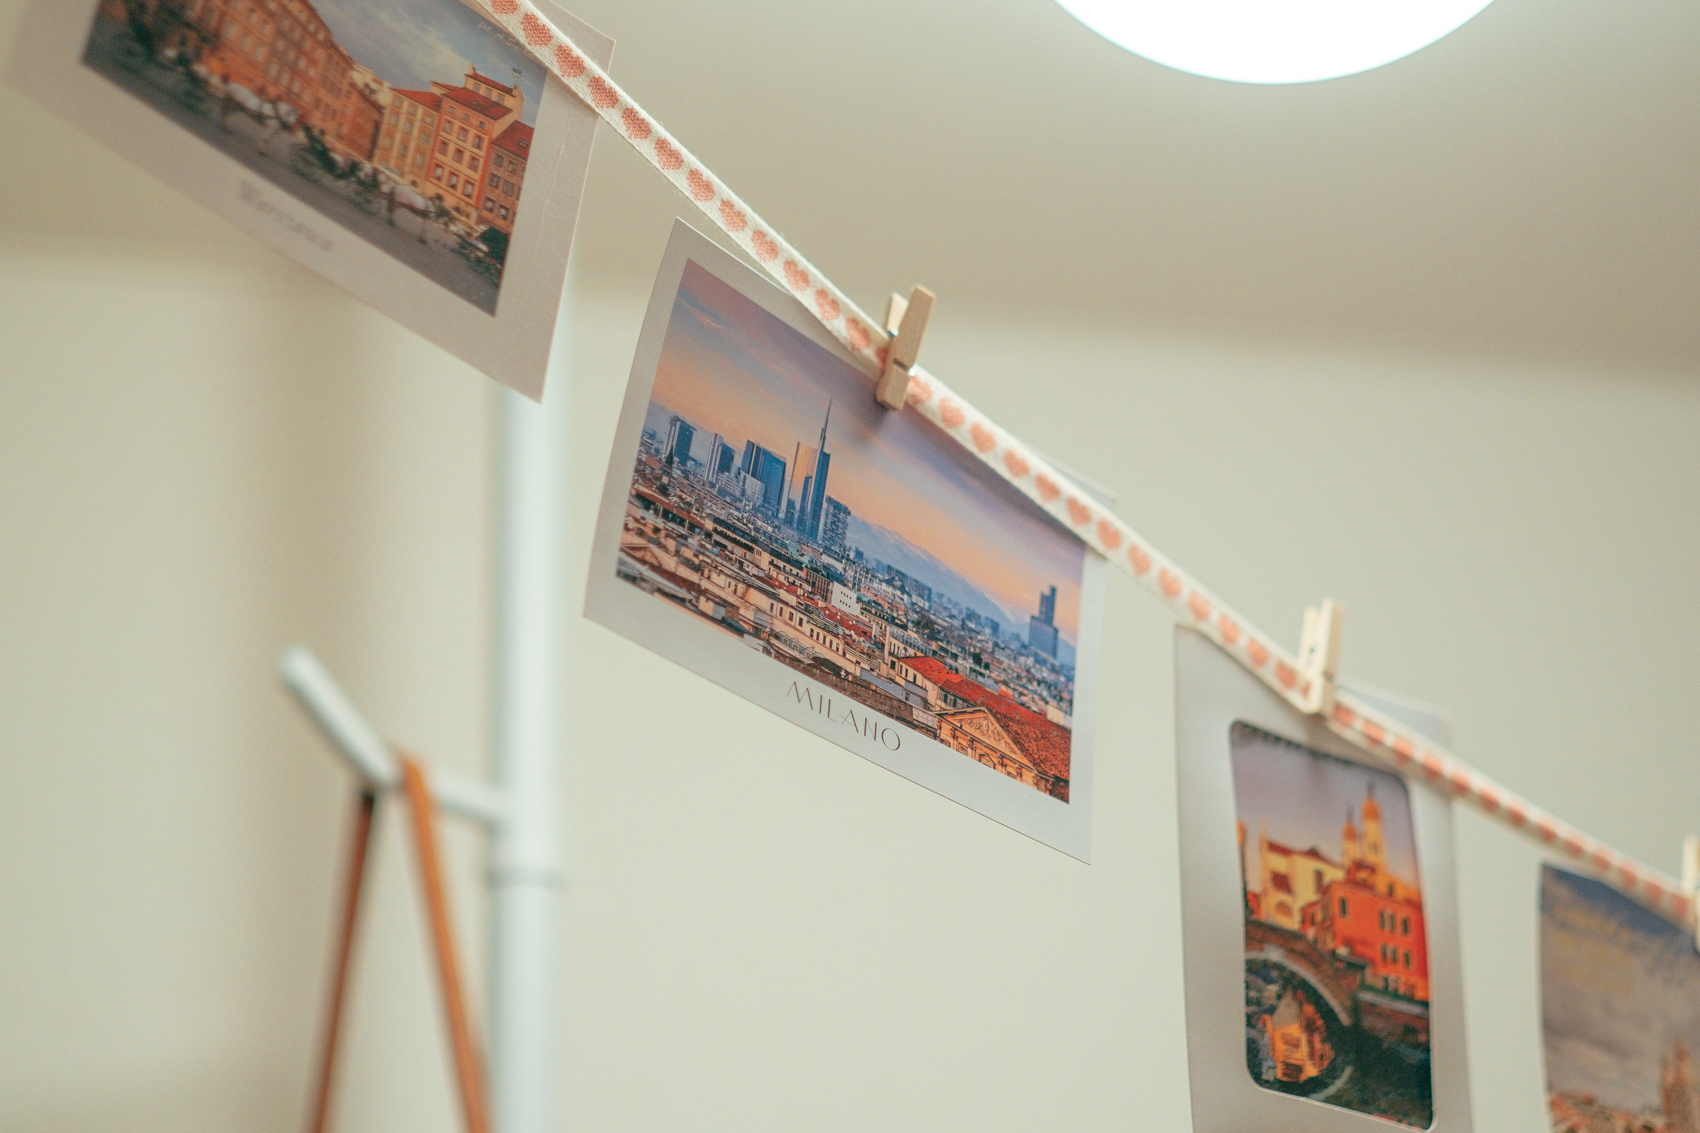 目線が上がる仕組みは玄関にも、卒業旅行で購入されたポストカードが吊るされていました。